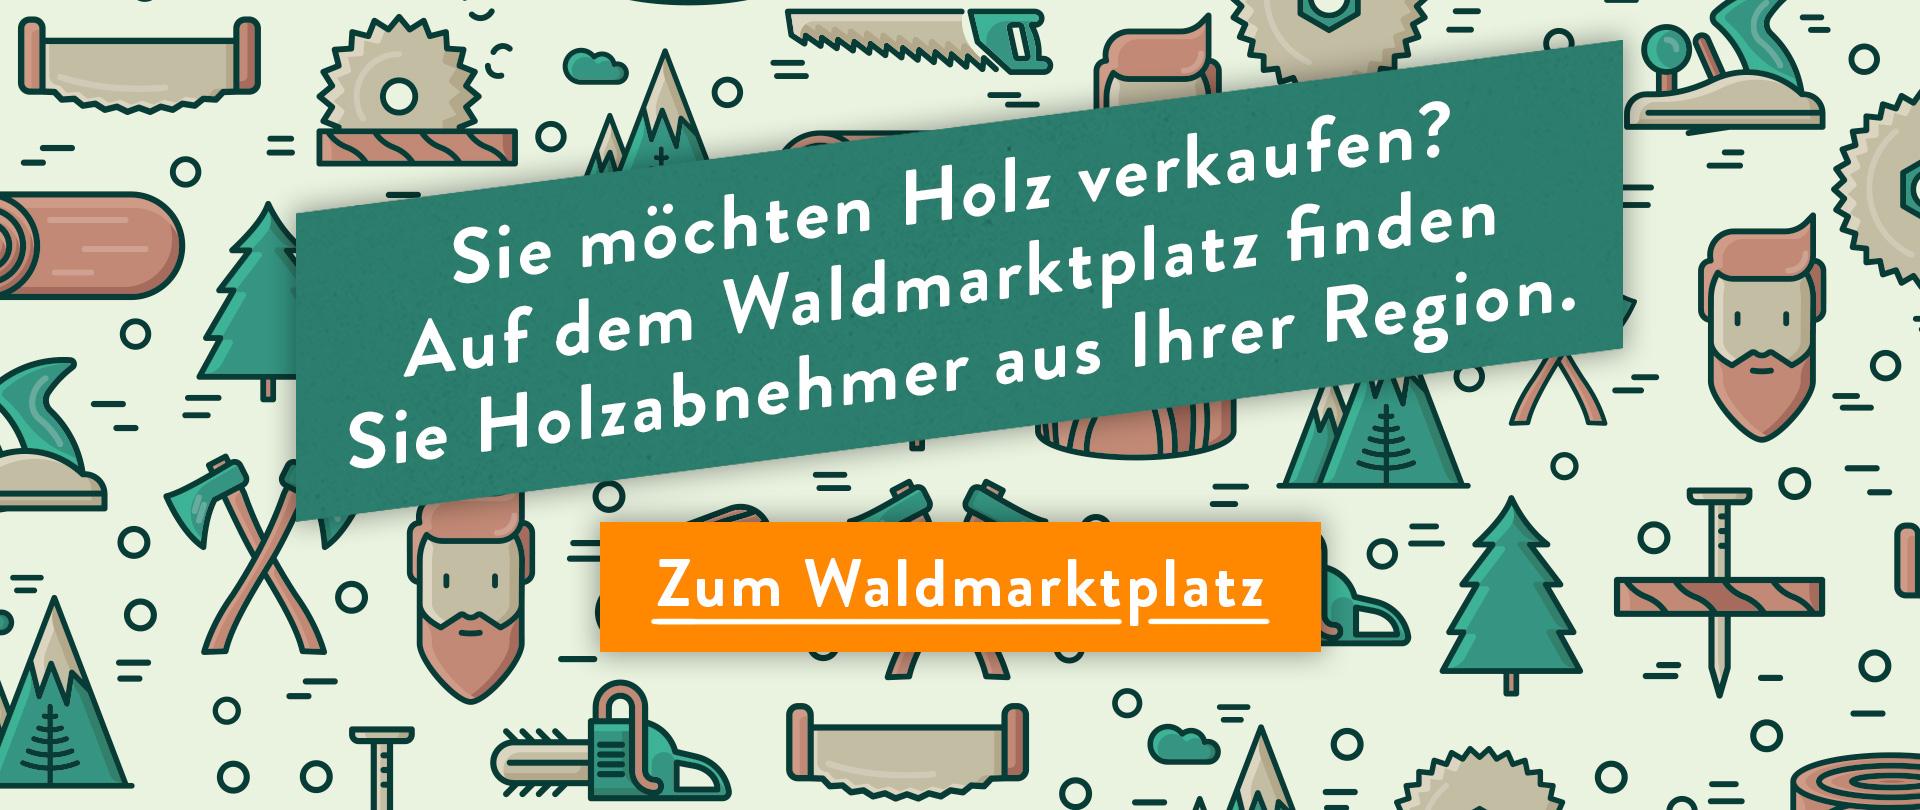 Sie möchten Holz verkaufen? Auf dem Waldmarktplatz finden Sie Holzabnehmer aus Ihrer Region.